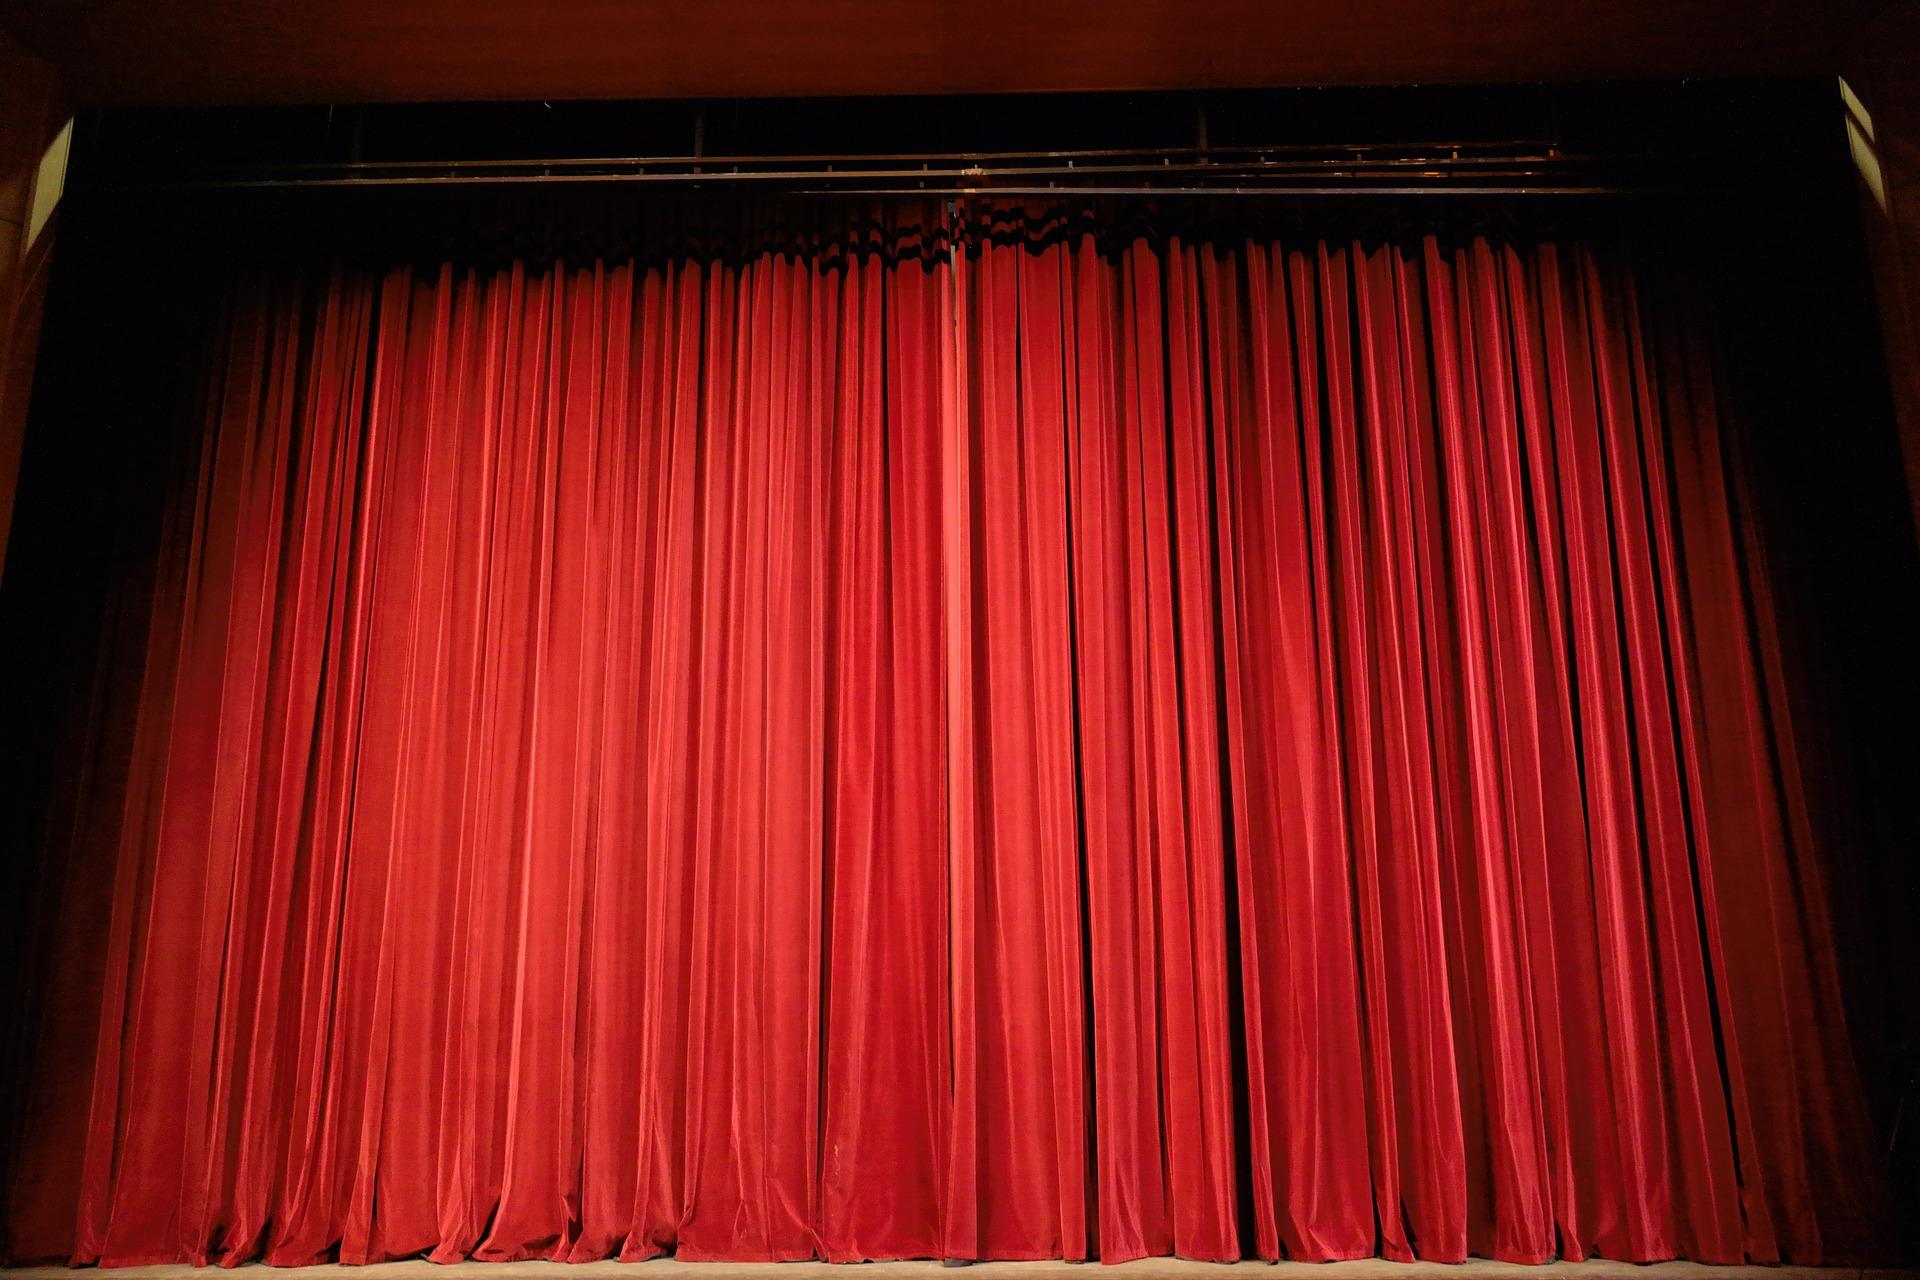 theater-432045_1920.jpg